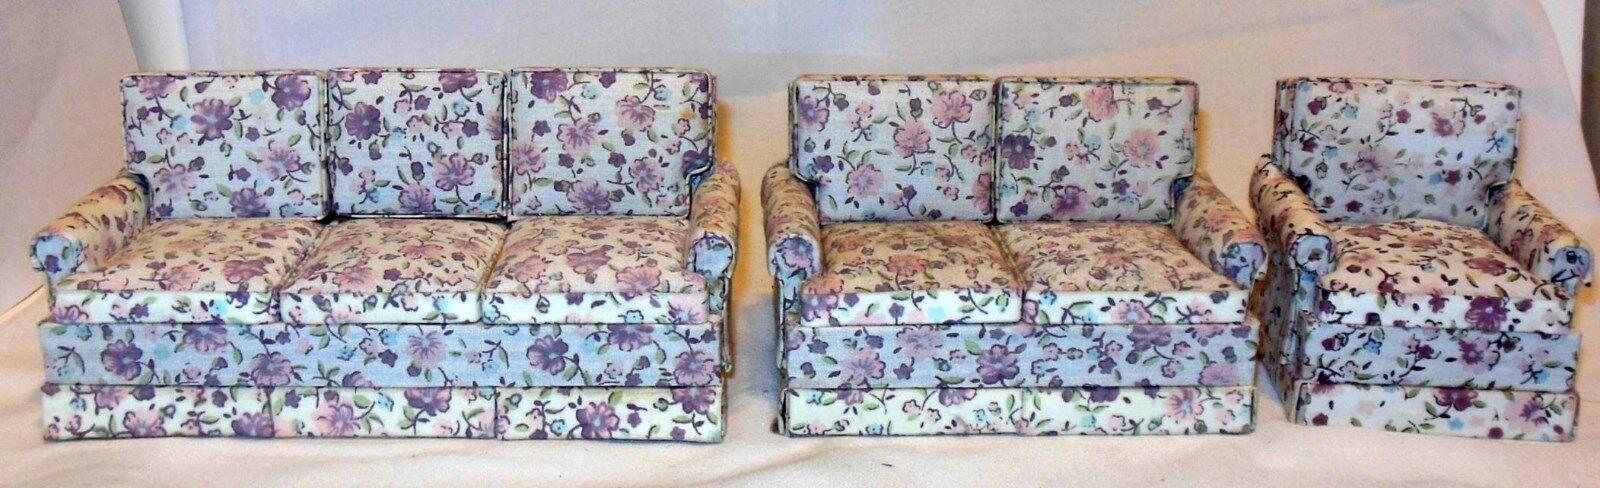 ahorra hasta un 50% Tradicional salón muebles del del del Dollhouse Miniatures  la mejor selección de